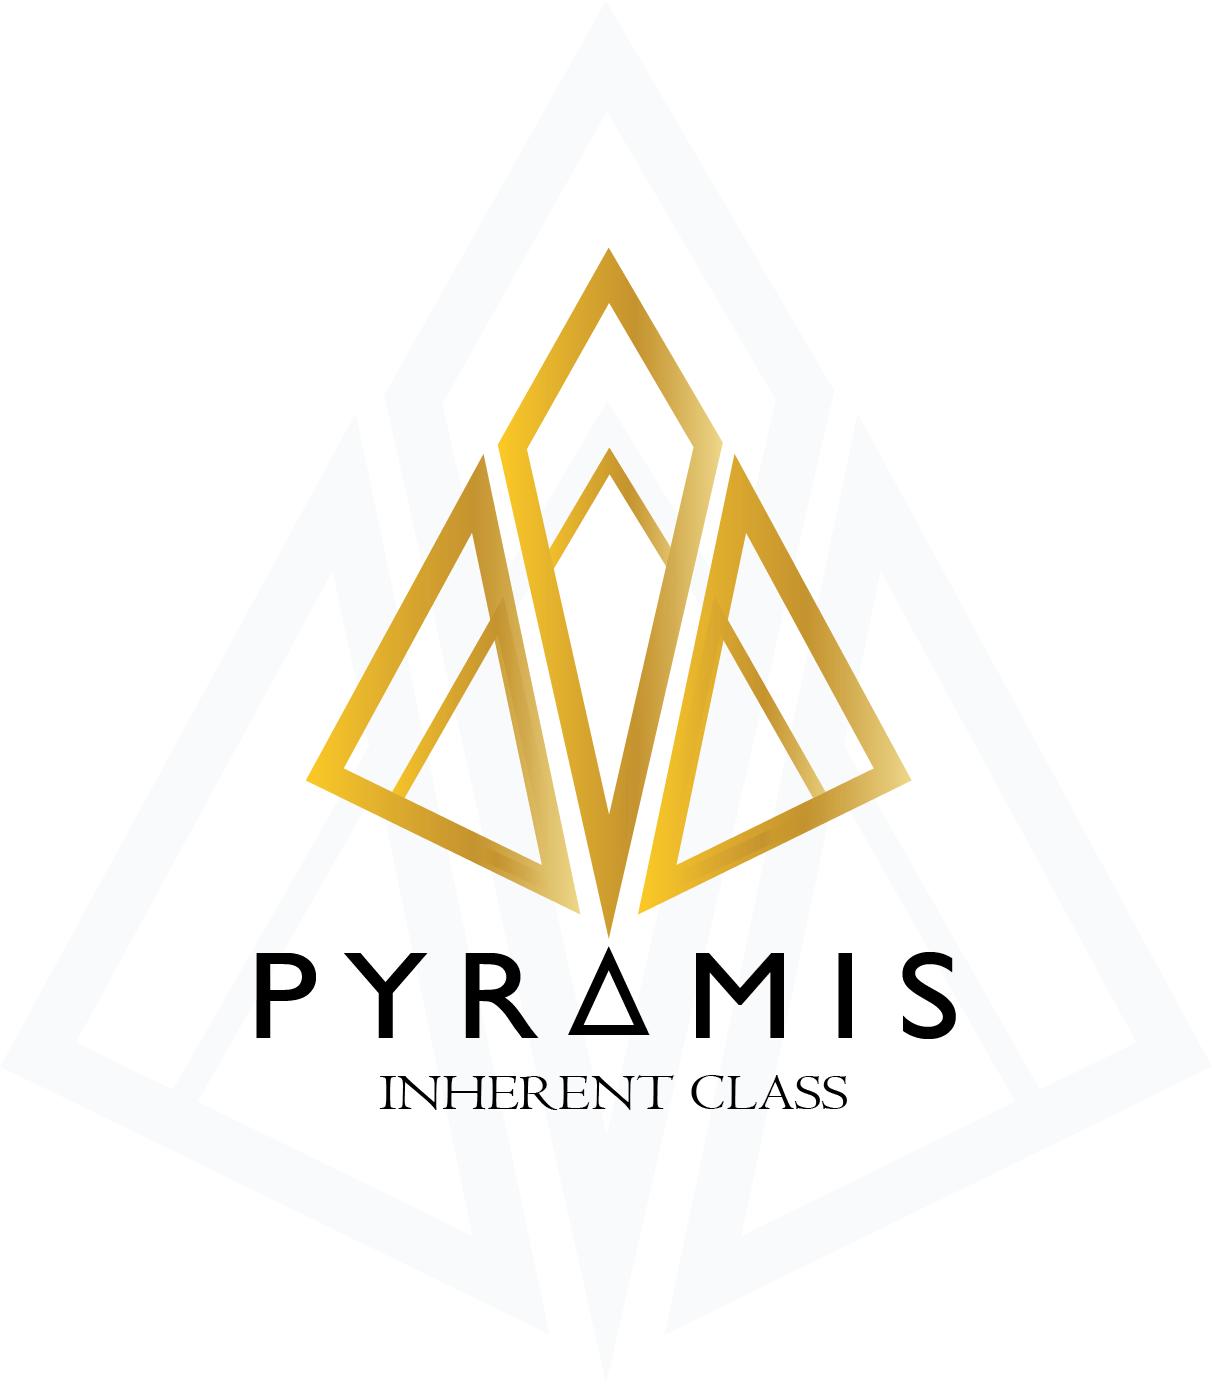 pyramis4